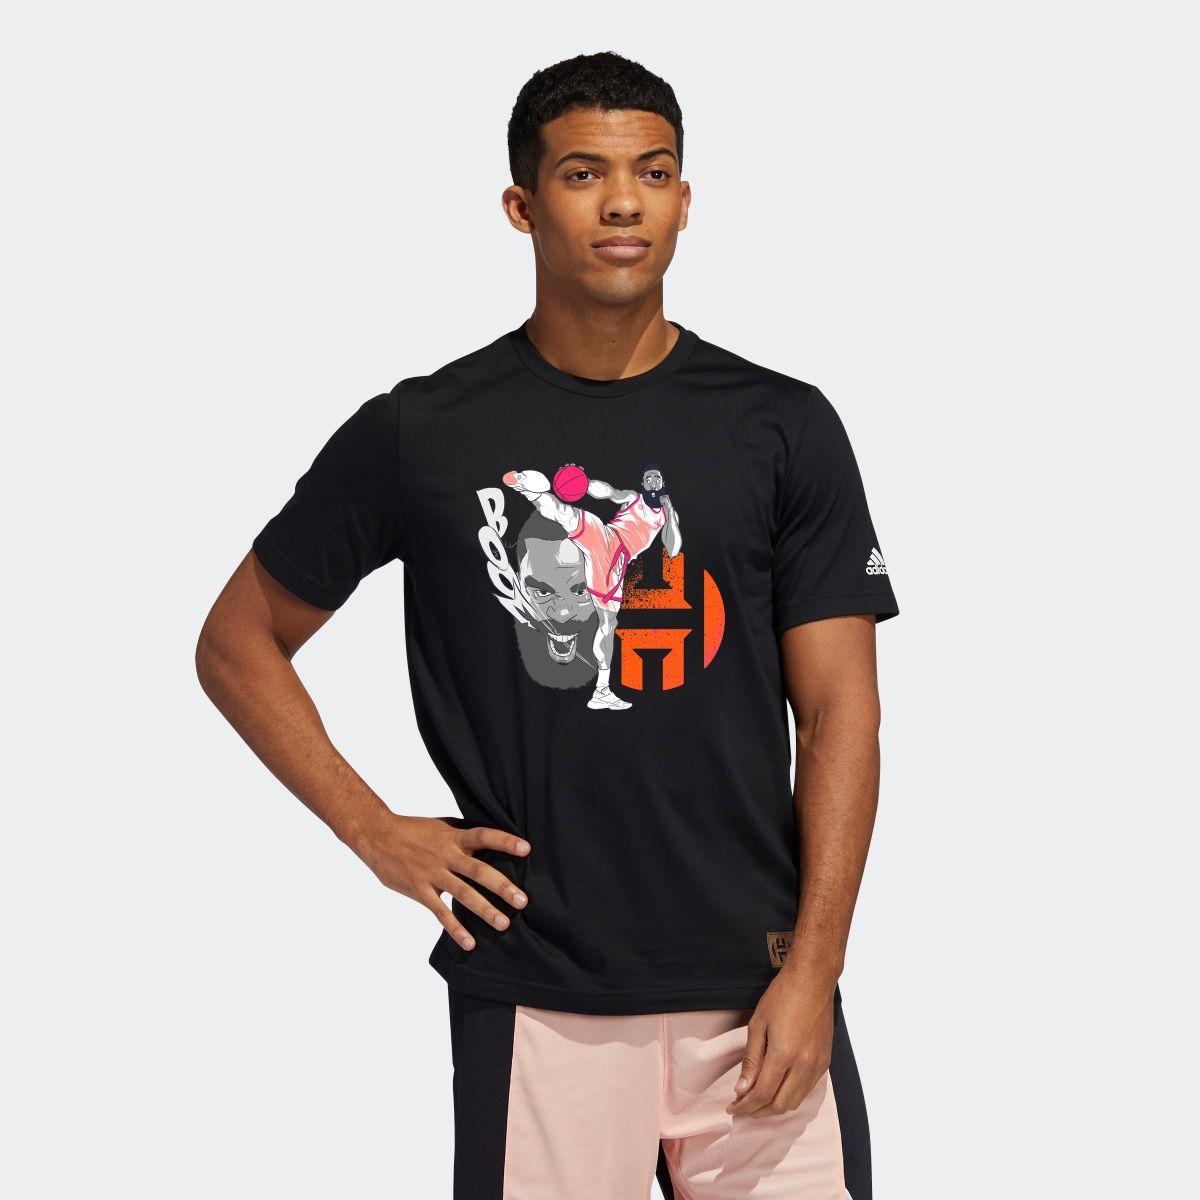 メンズウェア, プラクティスシャツ  adidas T Harden Geek Up Kick Tee T GE4118